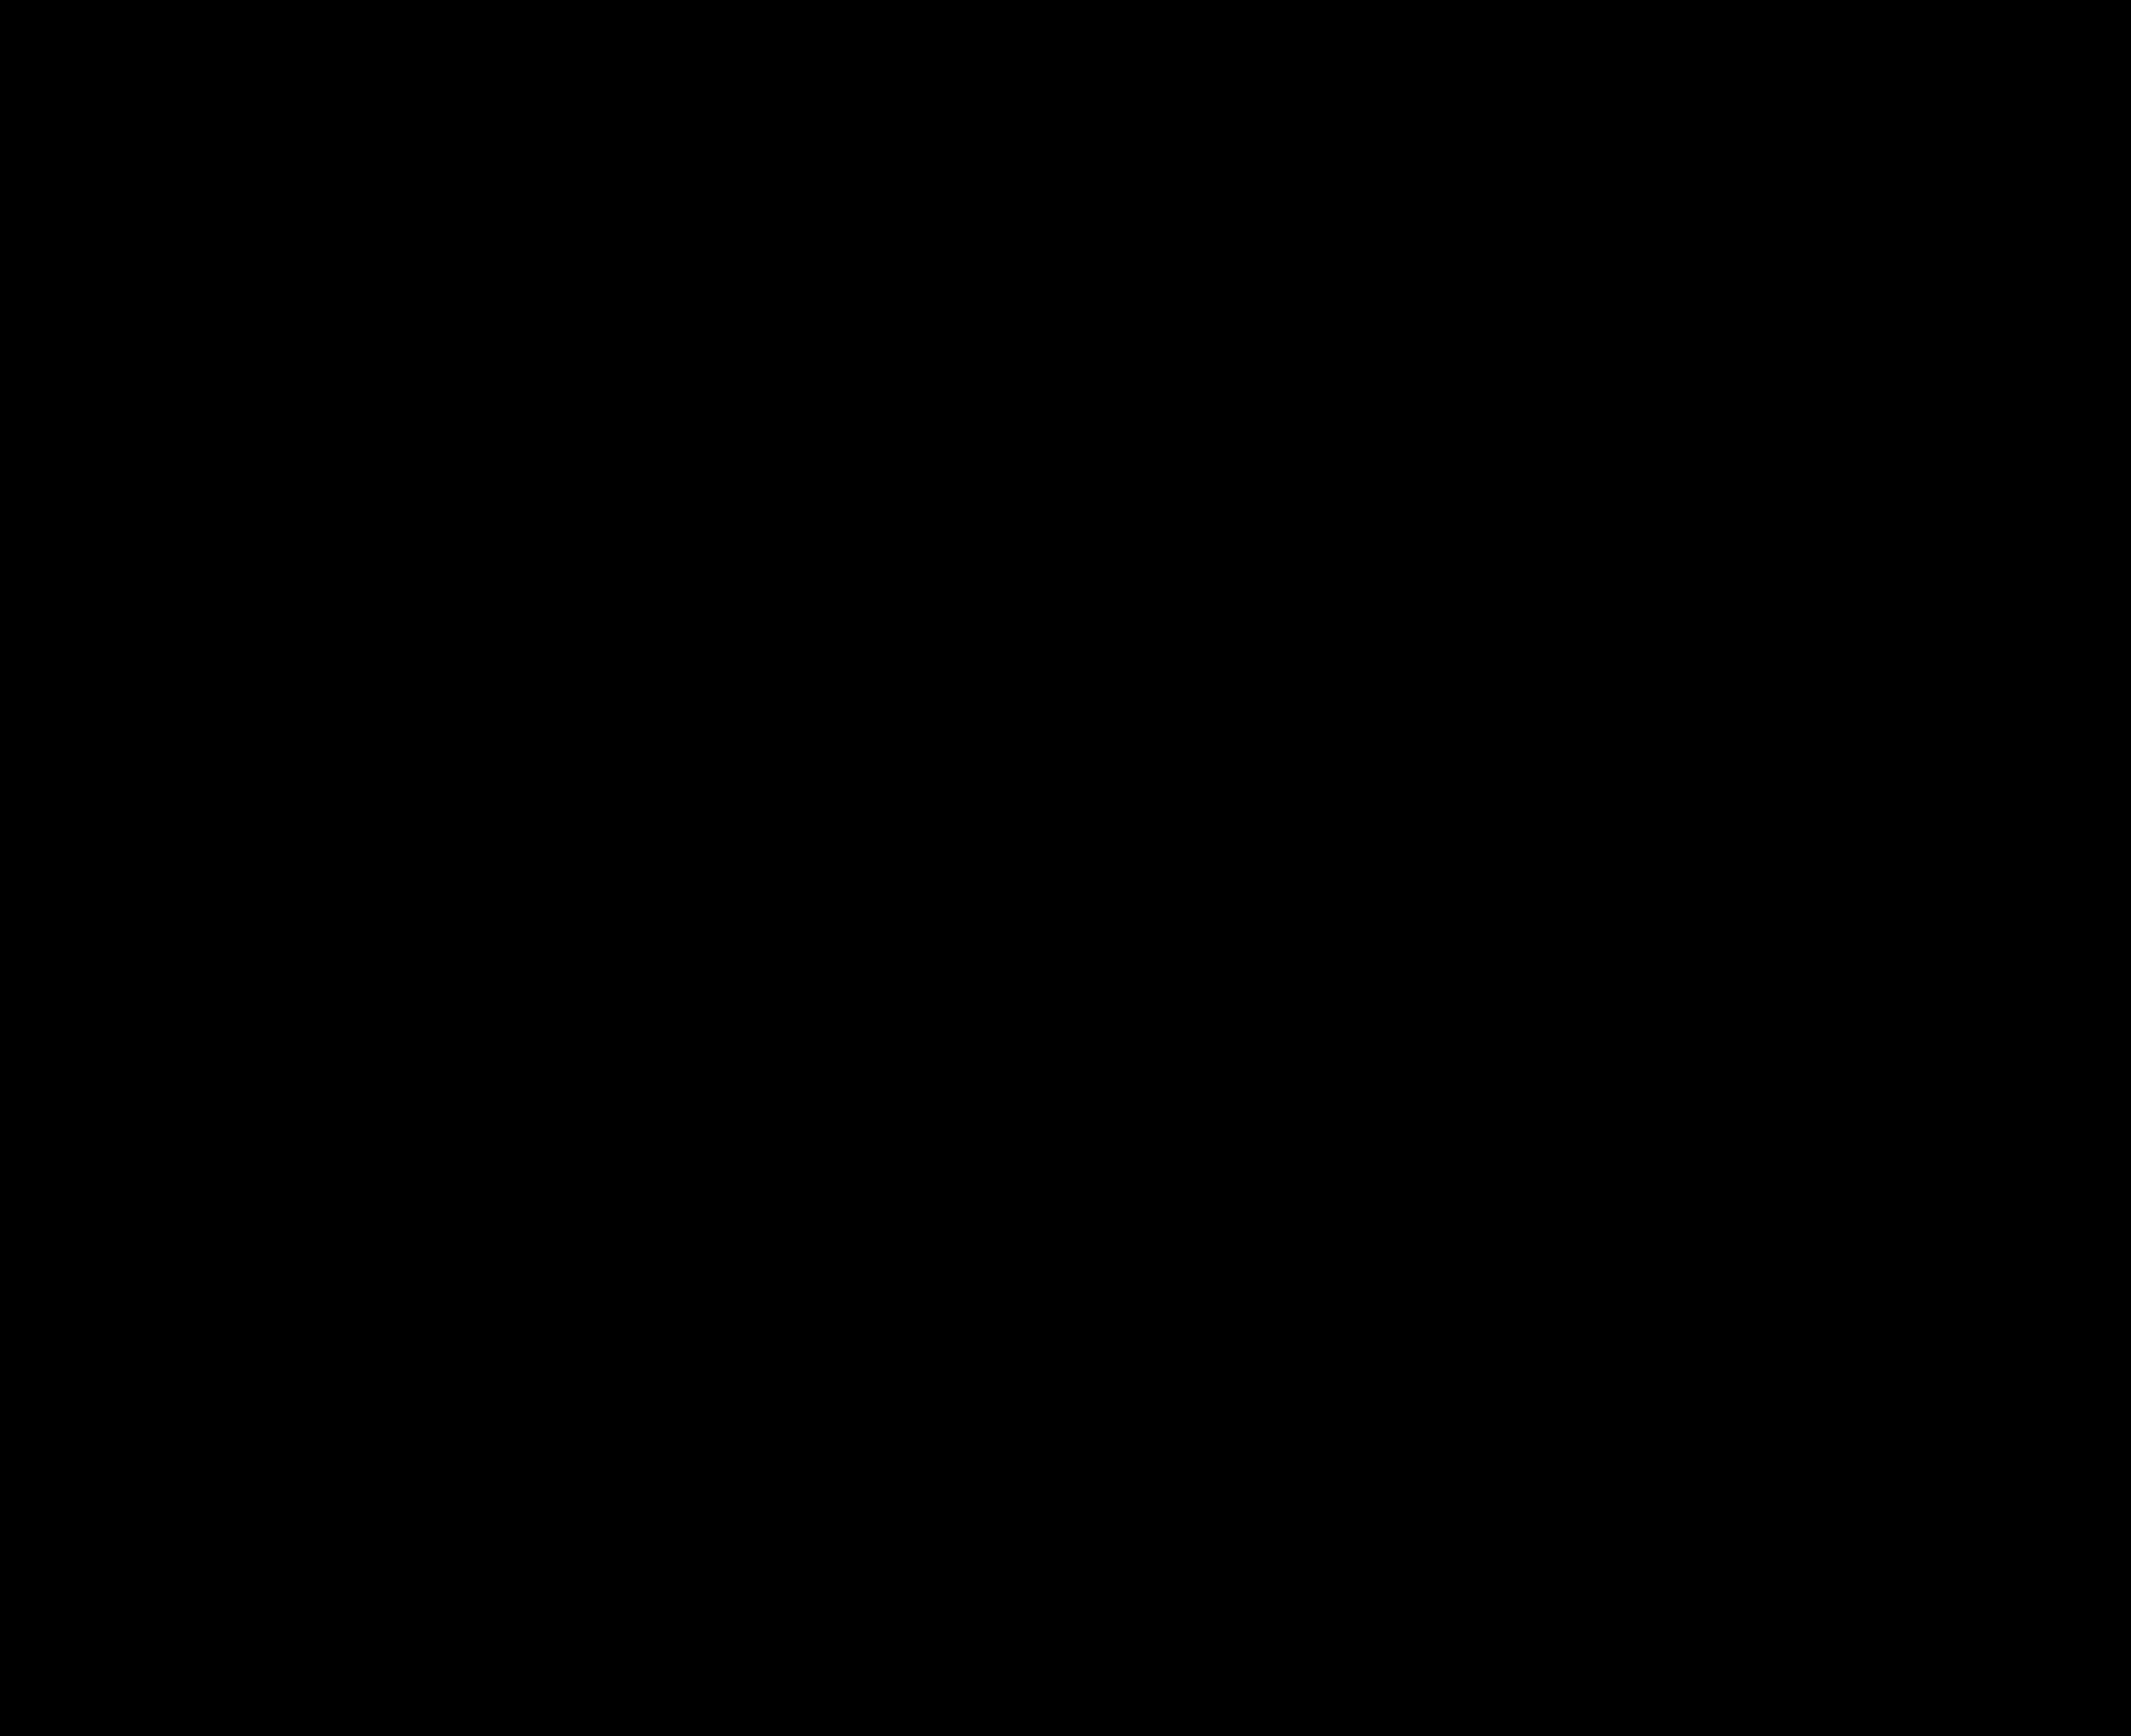 Georgetown_varsity_track_team_1910.jpg